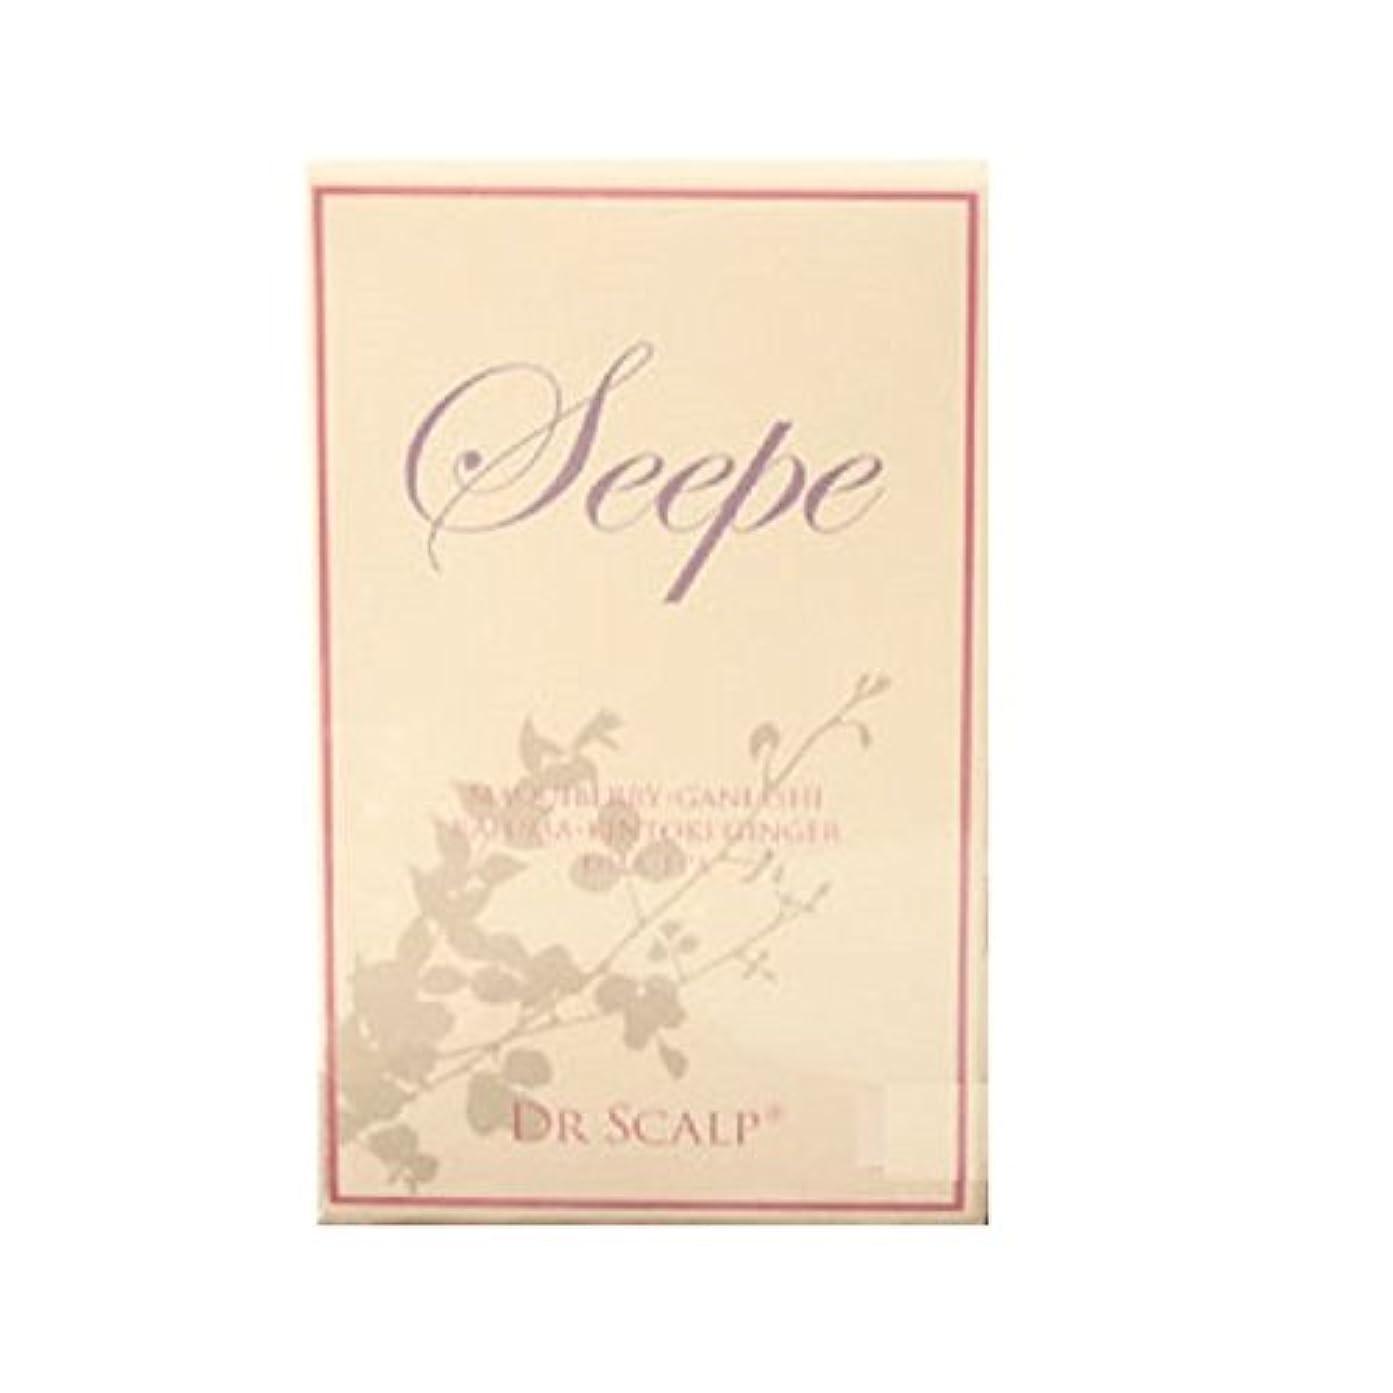 コスト高揚した高さドクタースカルプ DR.SCALP(ドクタースカルプ)SEEPE(シープ) (サプリメント)※プロジェクトサプリメントのリニューアル商品です《60粒》